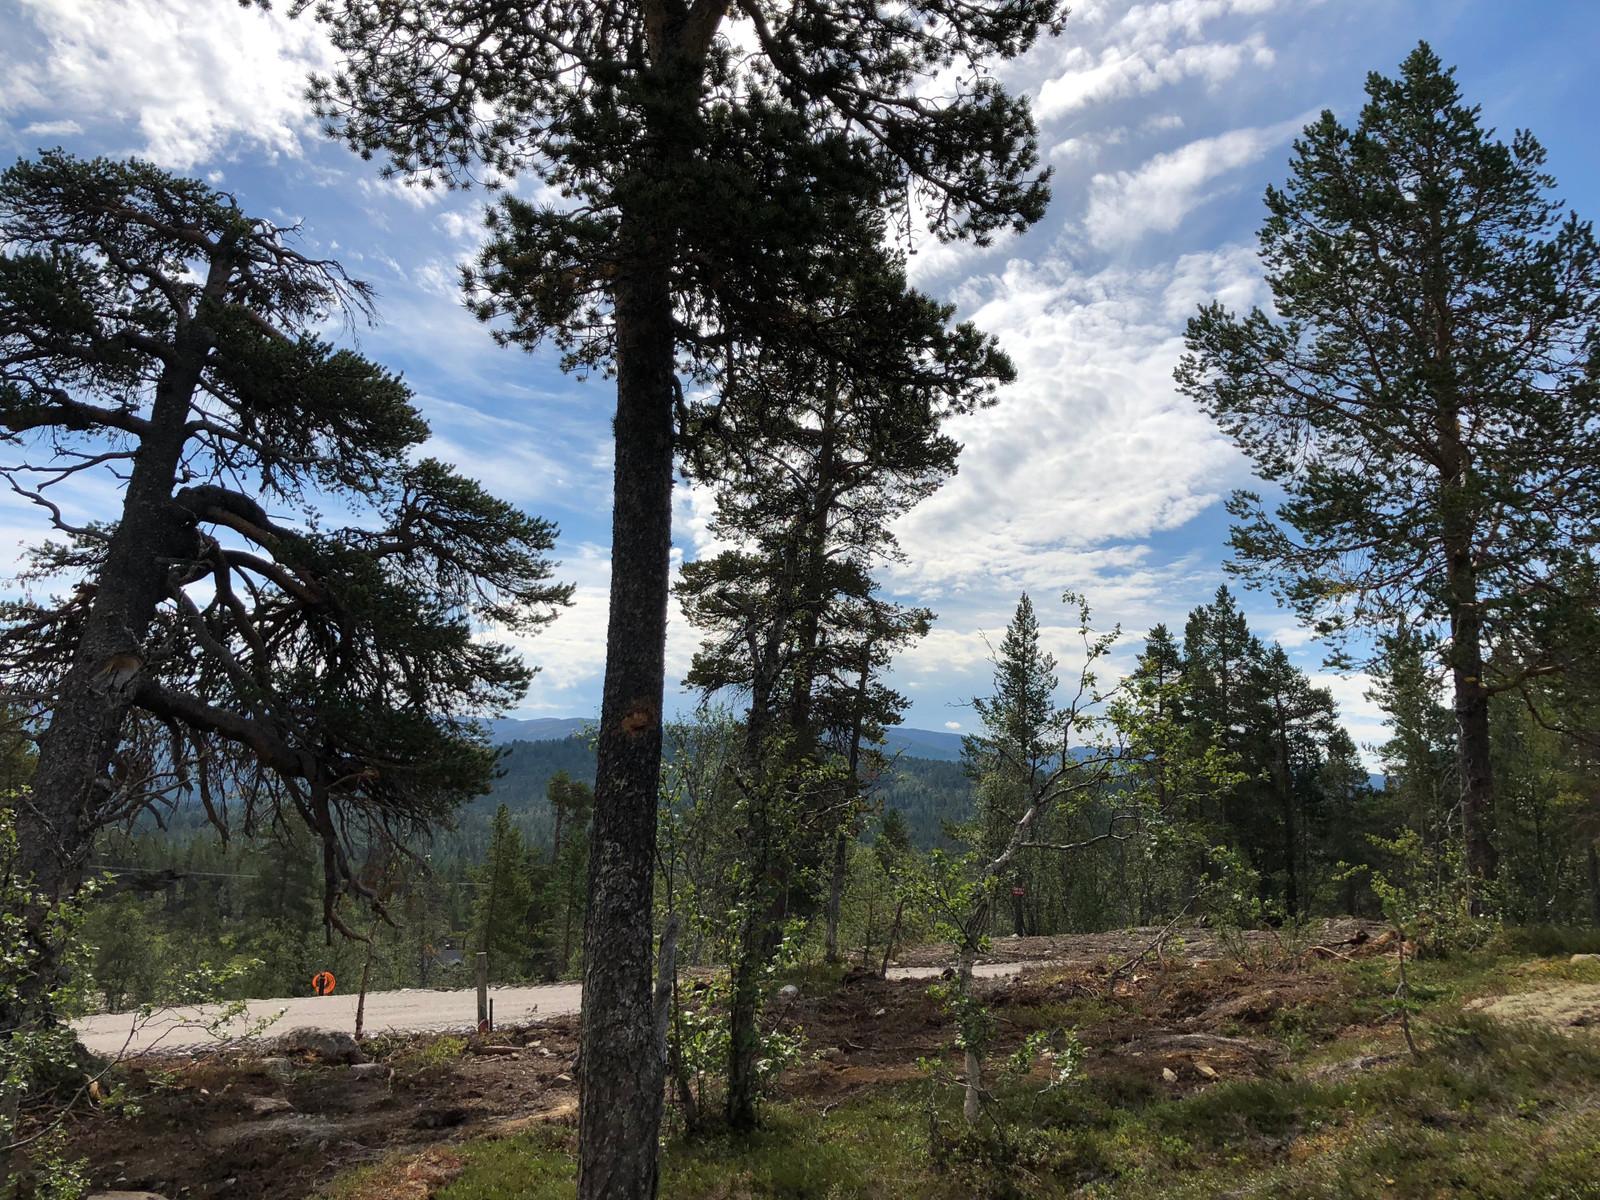 """Området er fantastisk - Gjennom alle de fire årstidene! Utsikten med de lange """"linjene"""" og fjellene i bakgrunnen må bare oppleves!"""